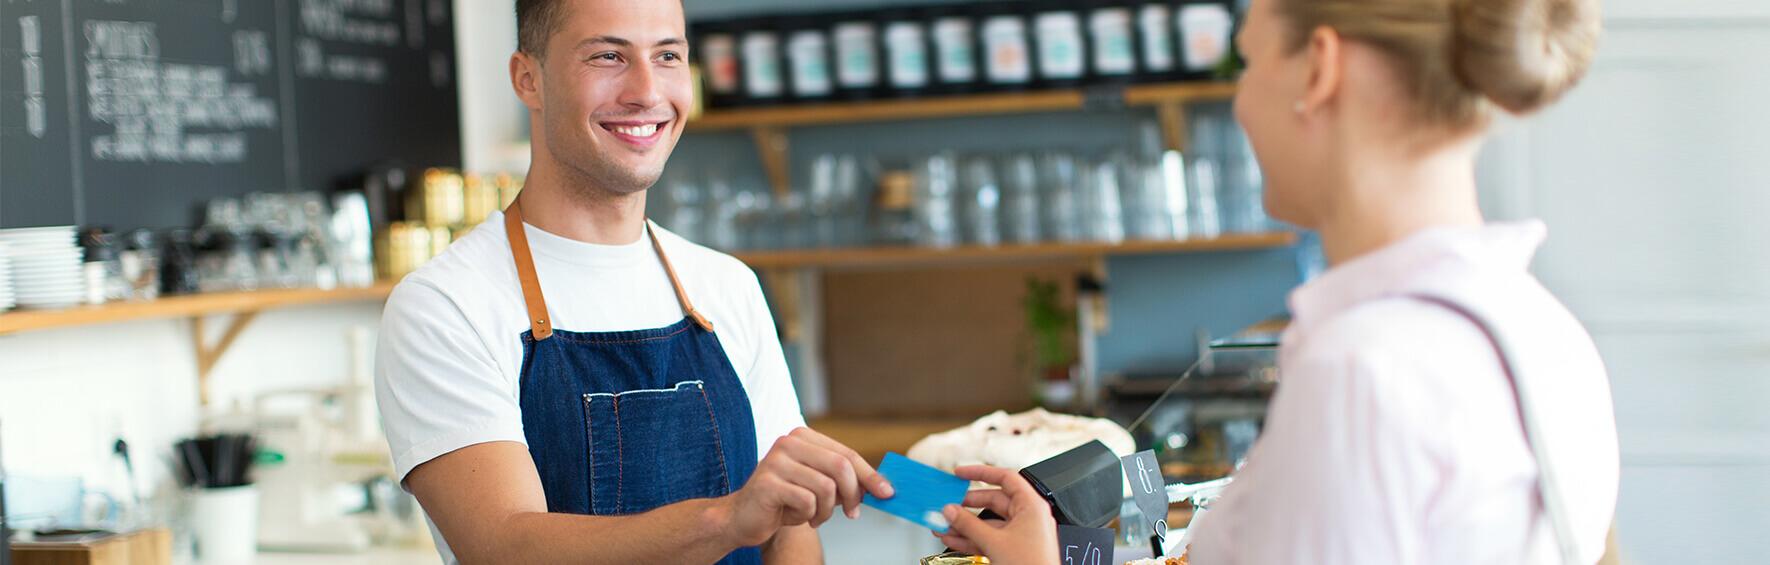 משכו לקוחות חדשים לבית העסק שלכם